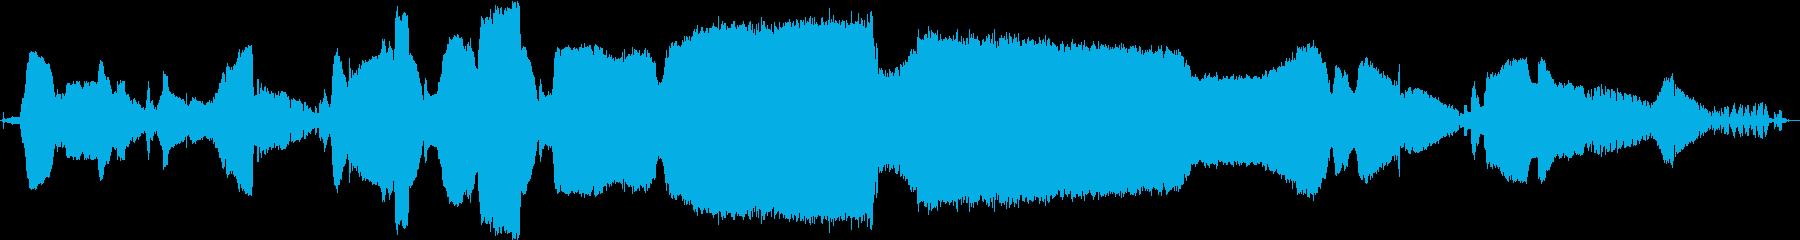 1932オースティン12サルーン:...の再生済みの波形